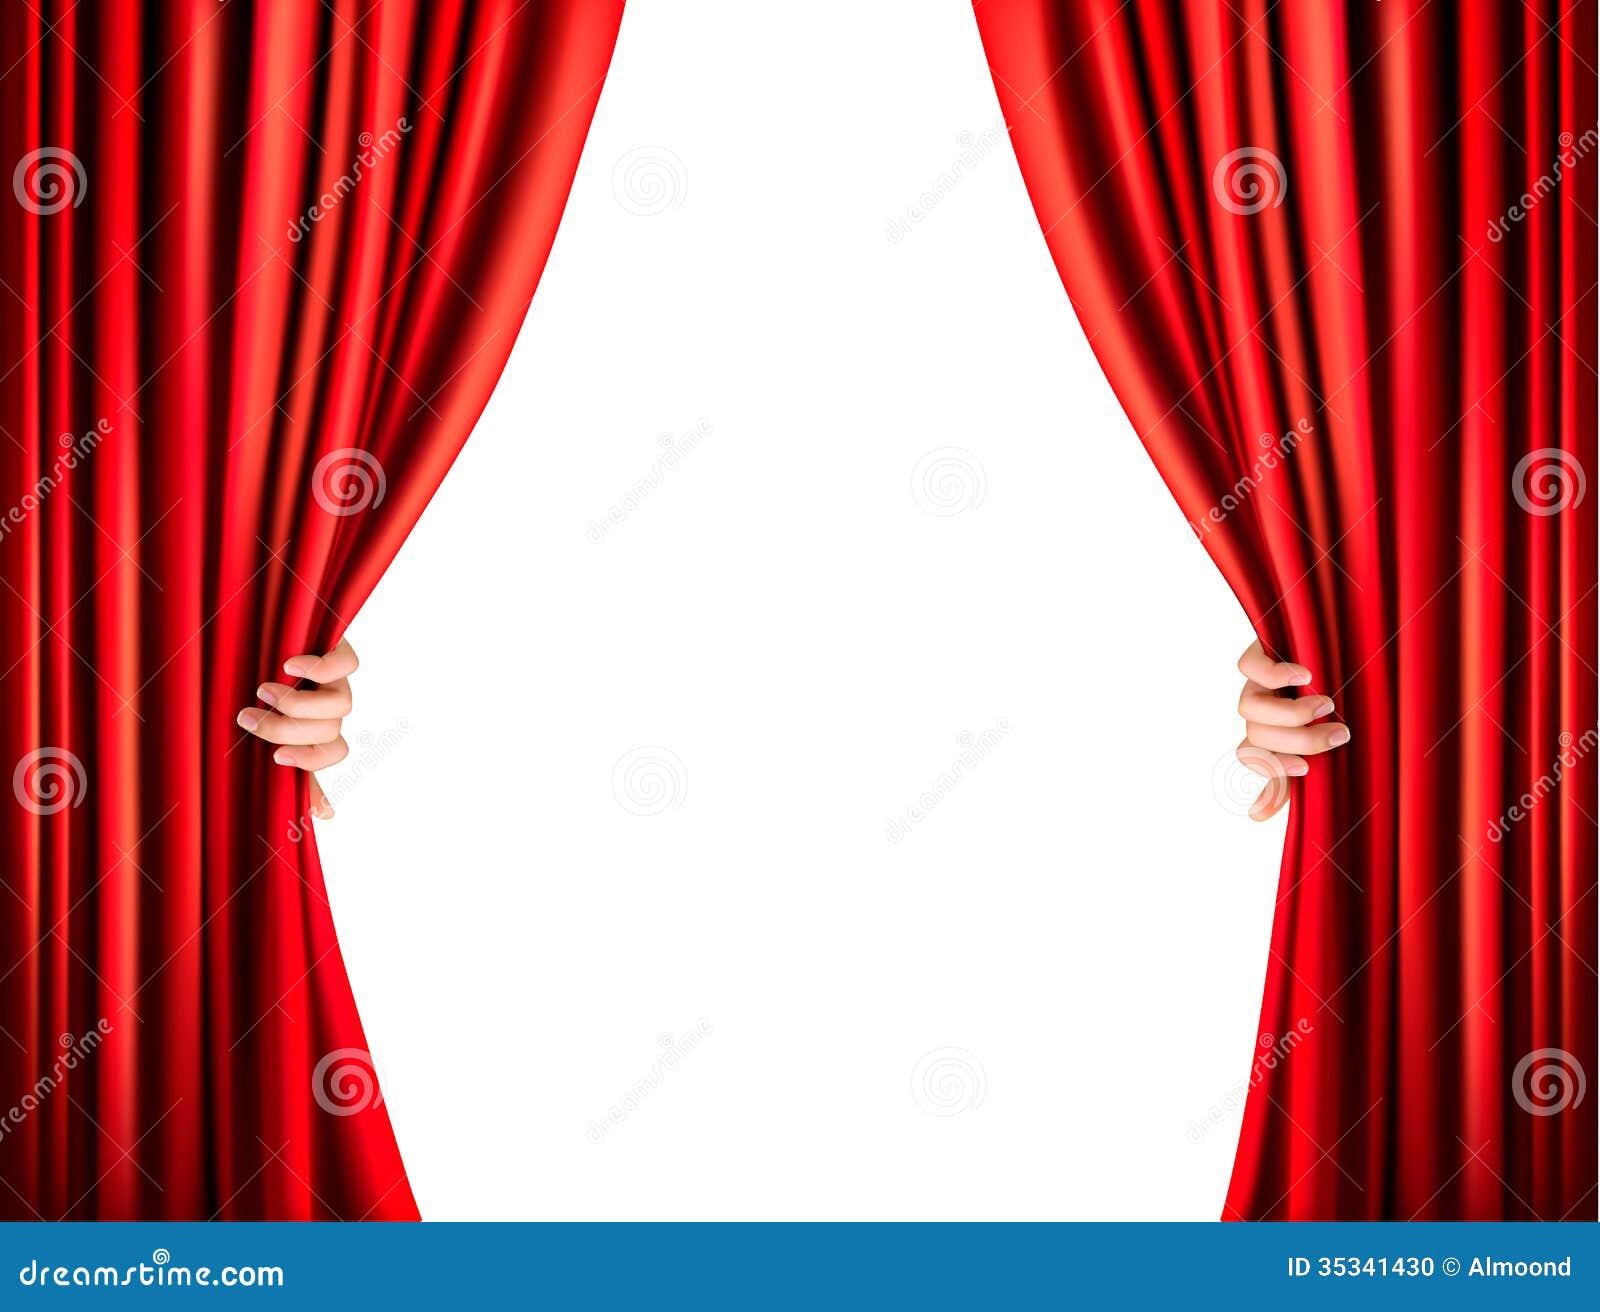 Fond Avec Le Rideau Rouge En Velours Vecteur Stock Illustrations ...